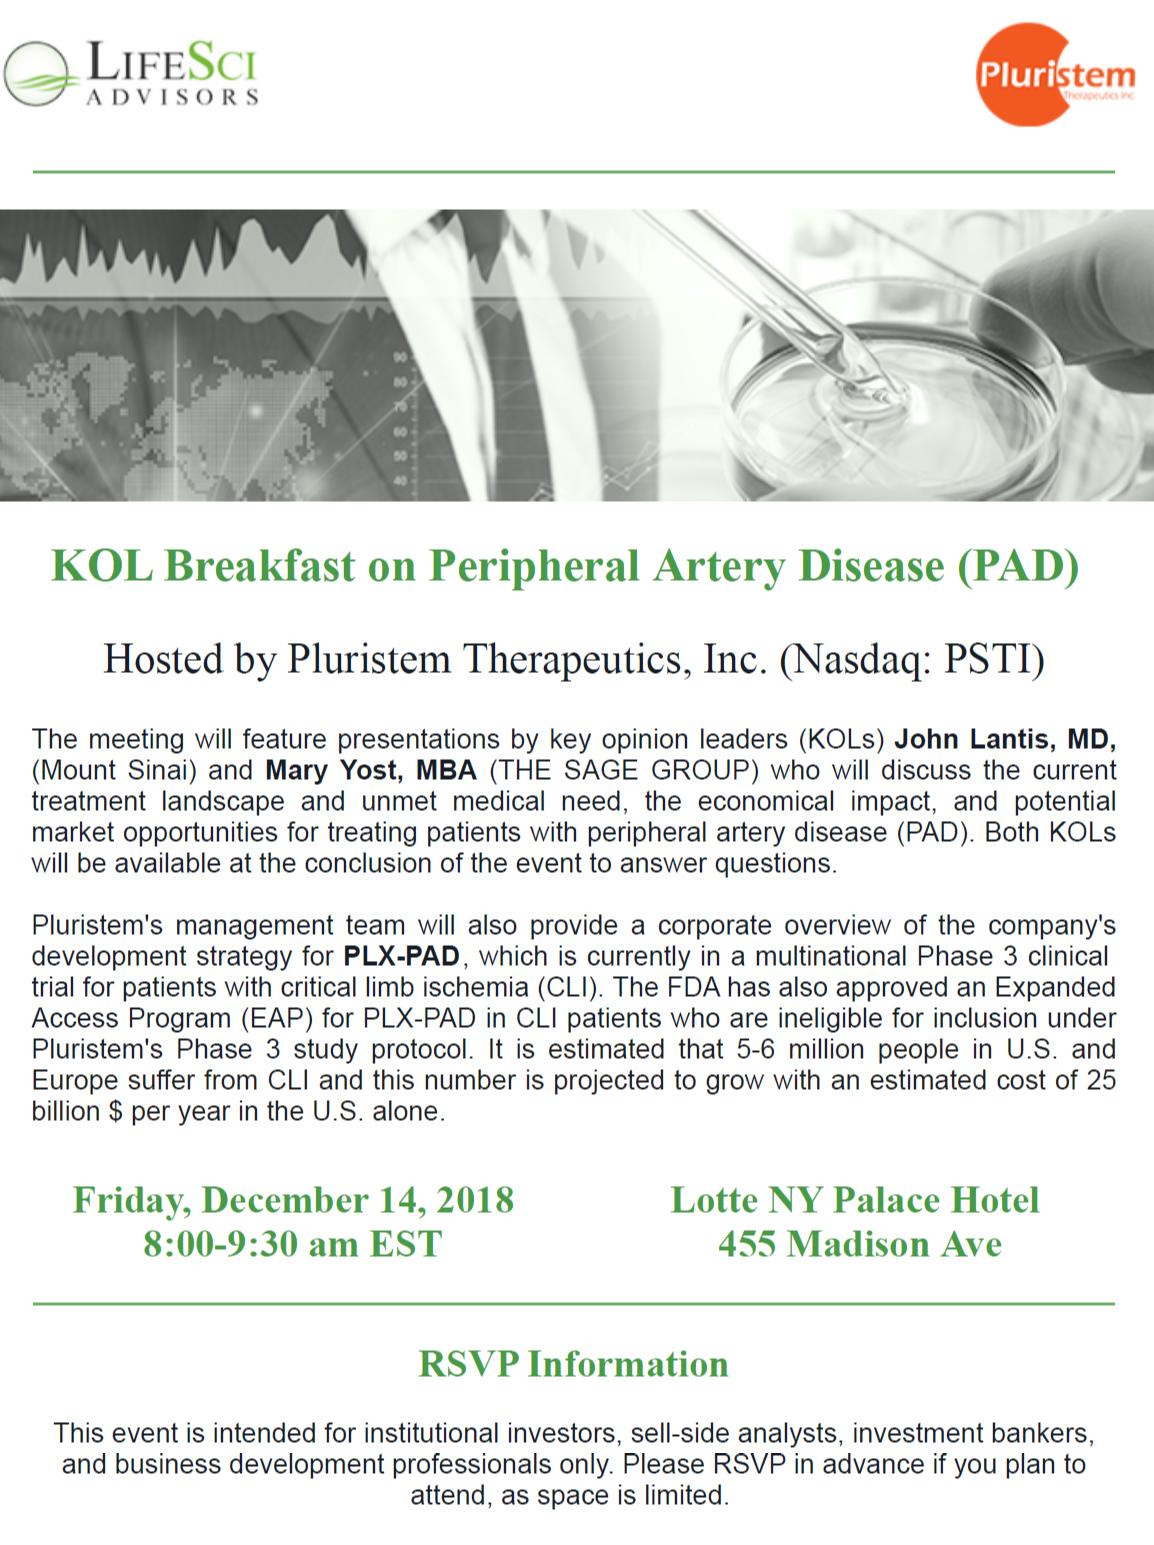 KOL Breakfast on Peripheral Artery Disease (PAD)